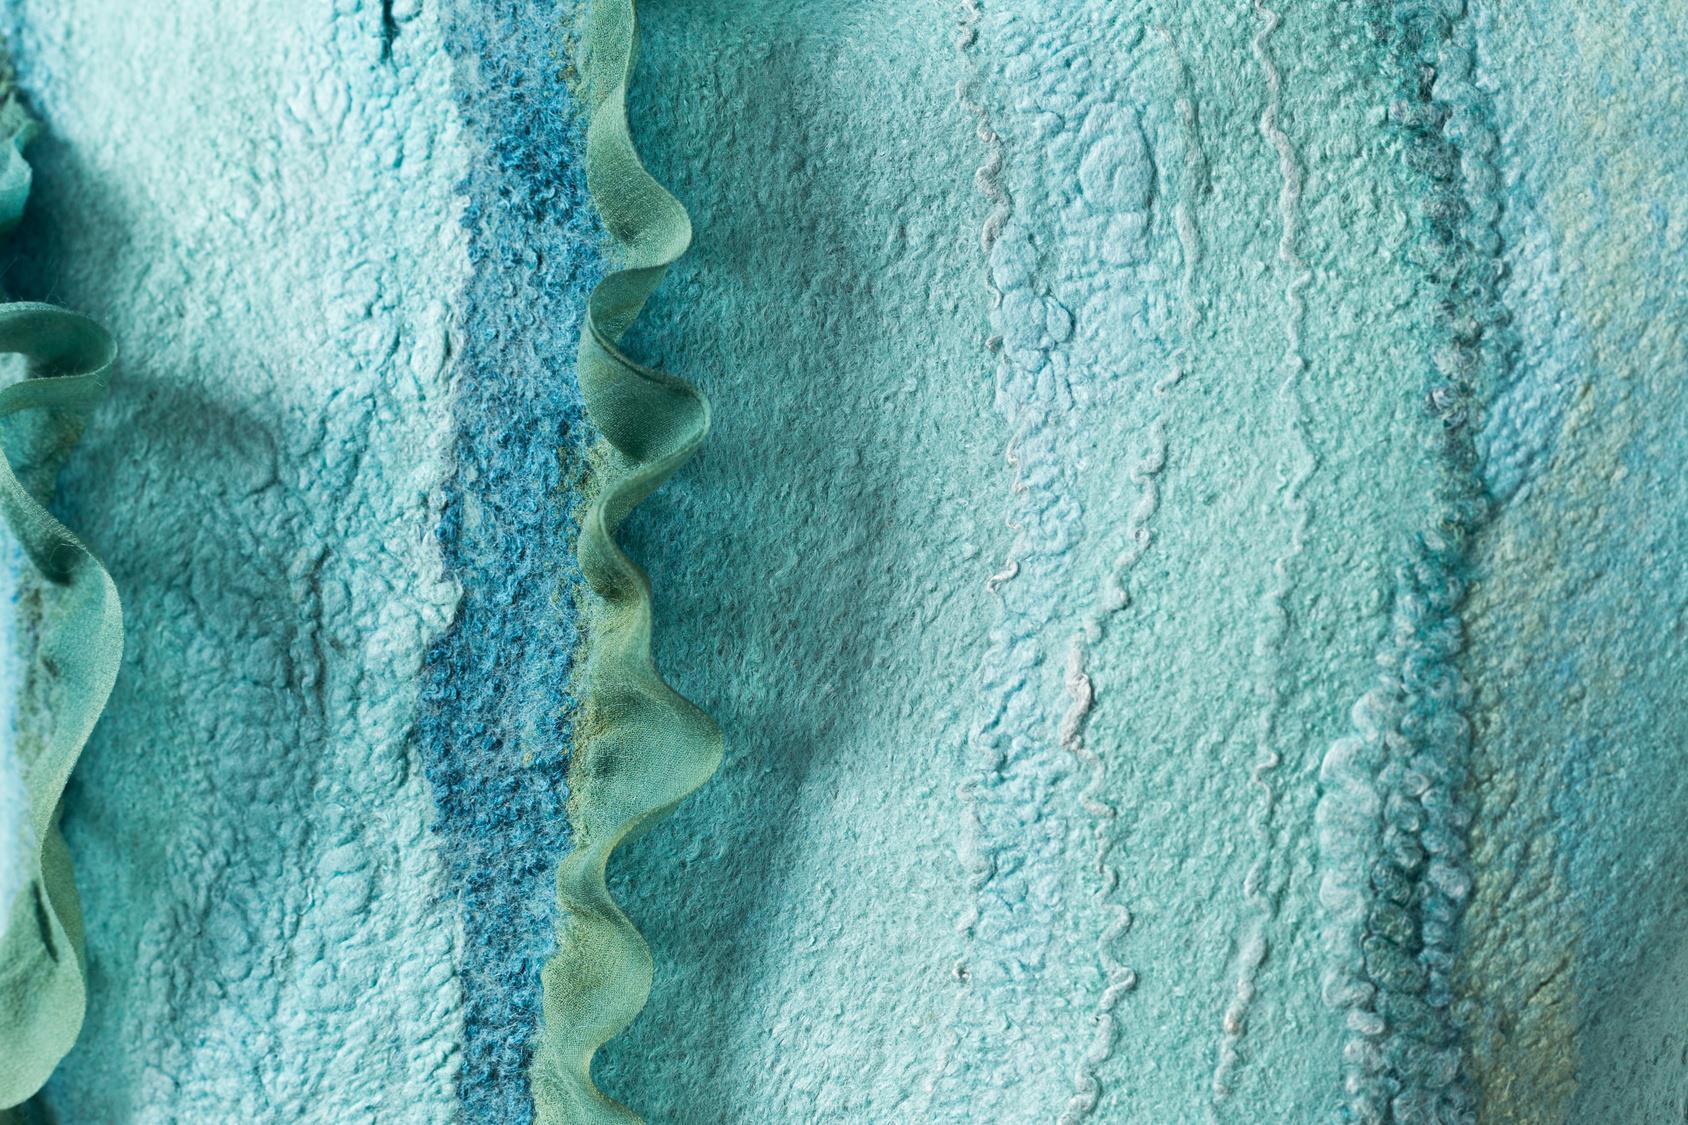 השוואת משי טוסה, משי מולברי וויסקוזה. יתרונותיו וחסרונותיו של כל אחד מהחומרים, מקרי שימוש